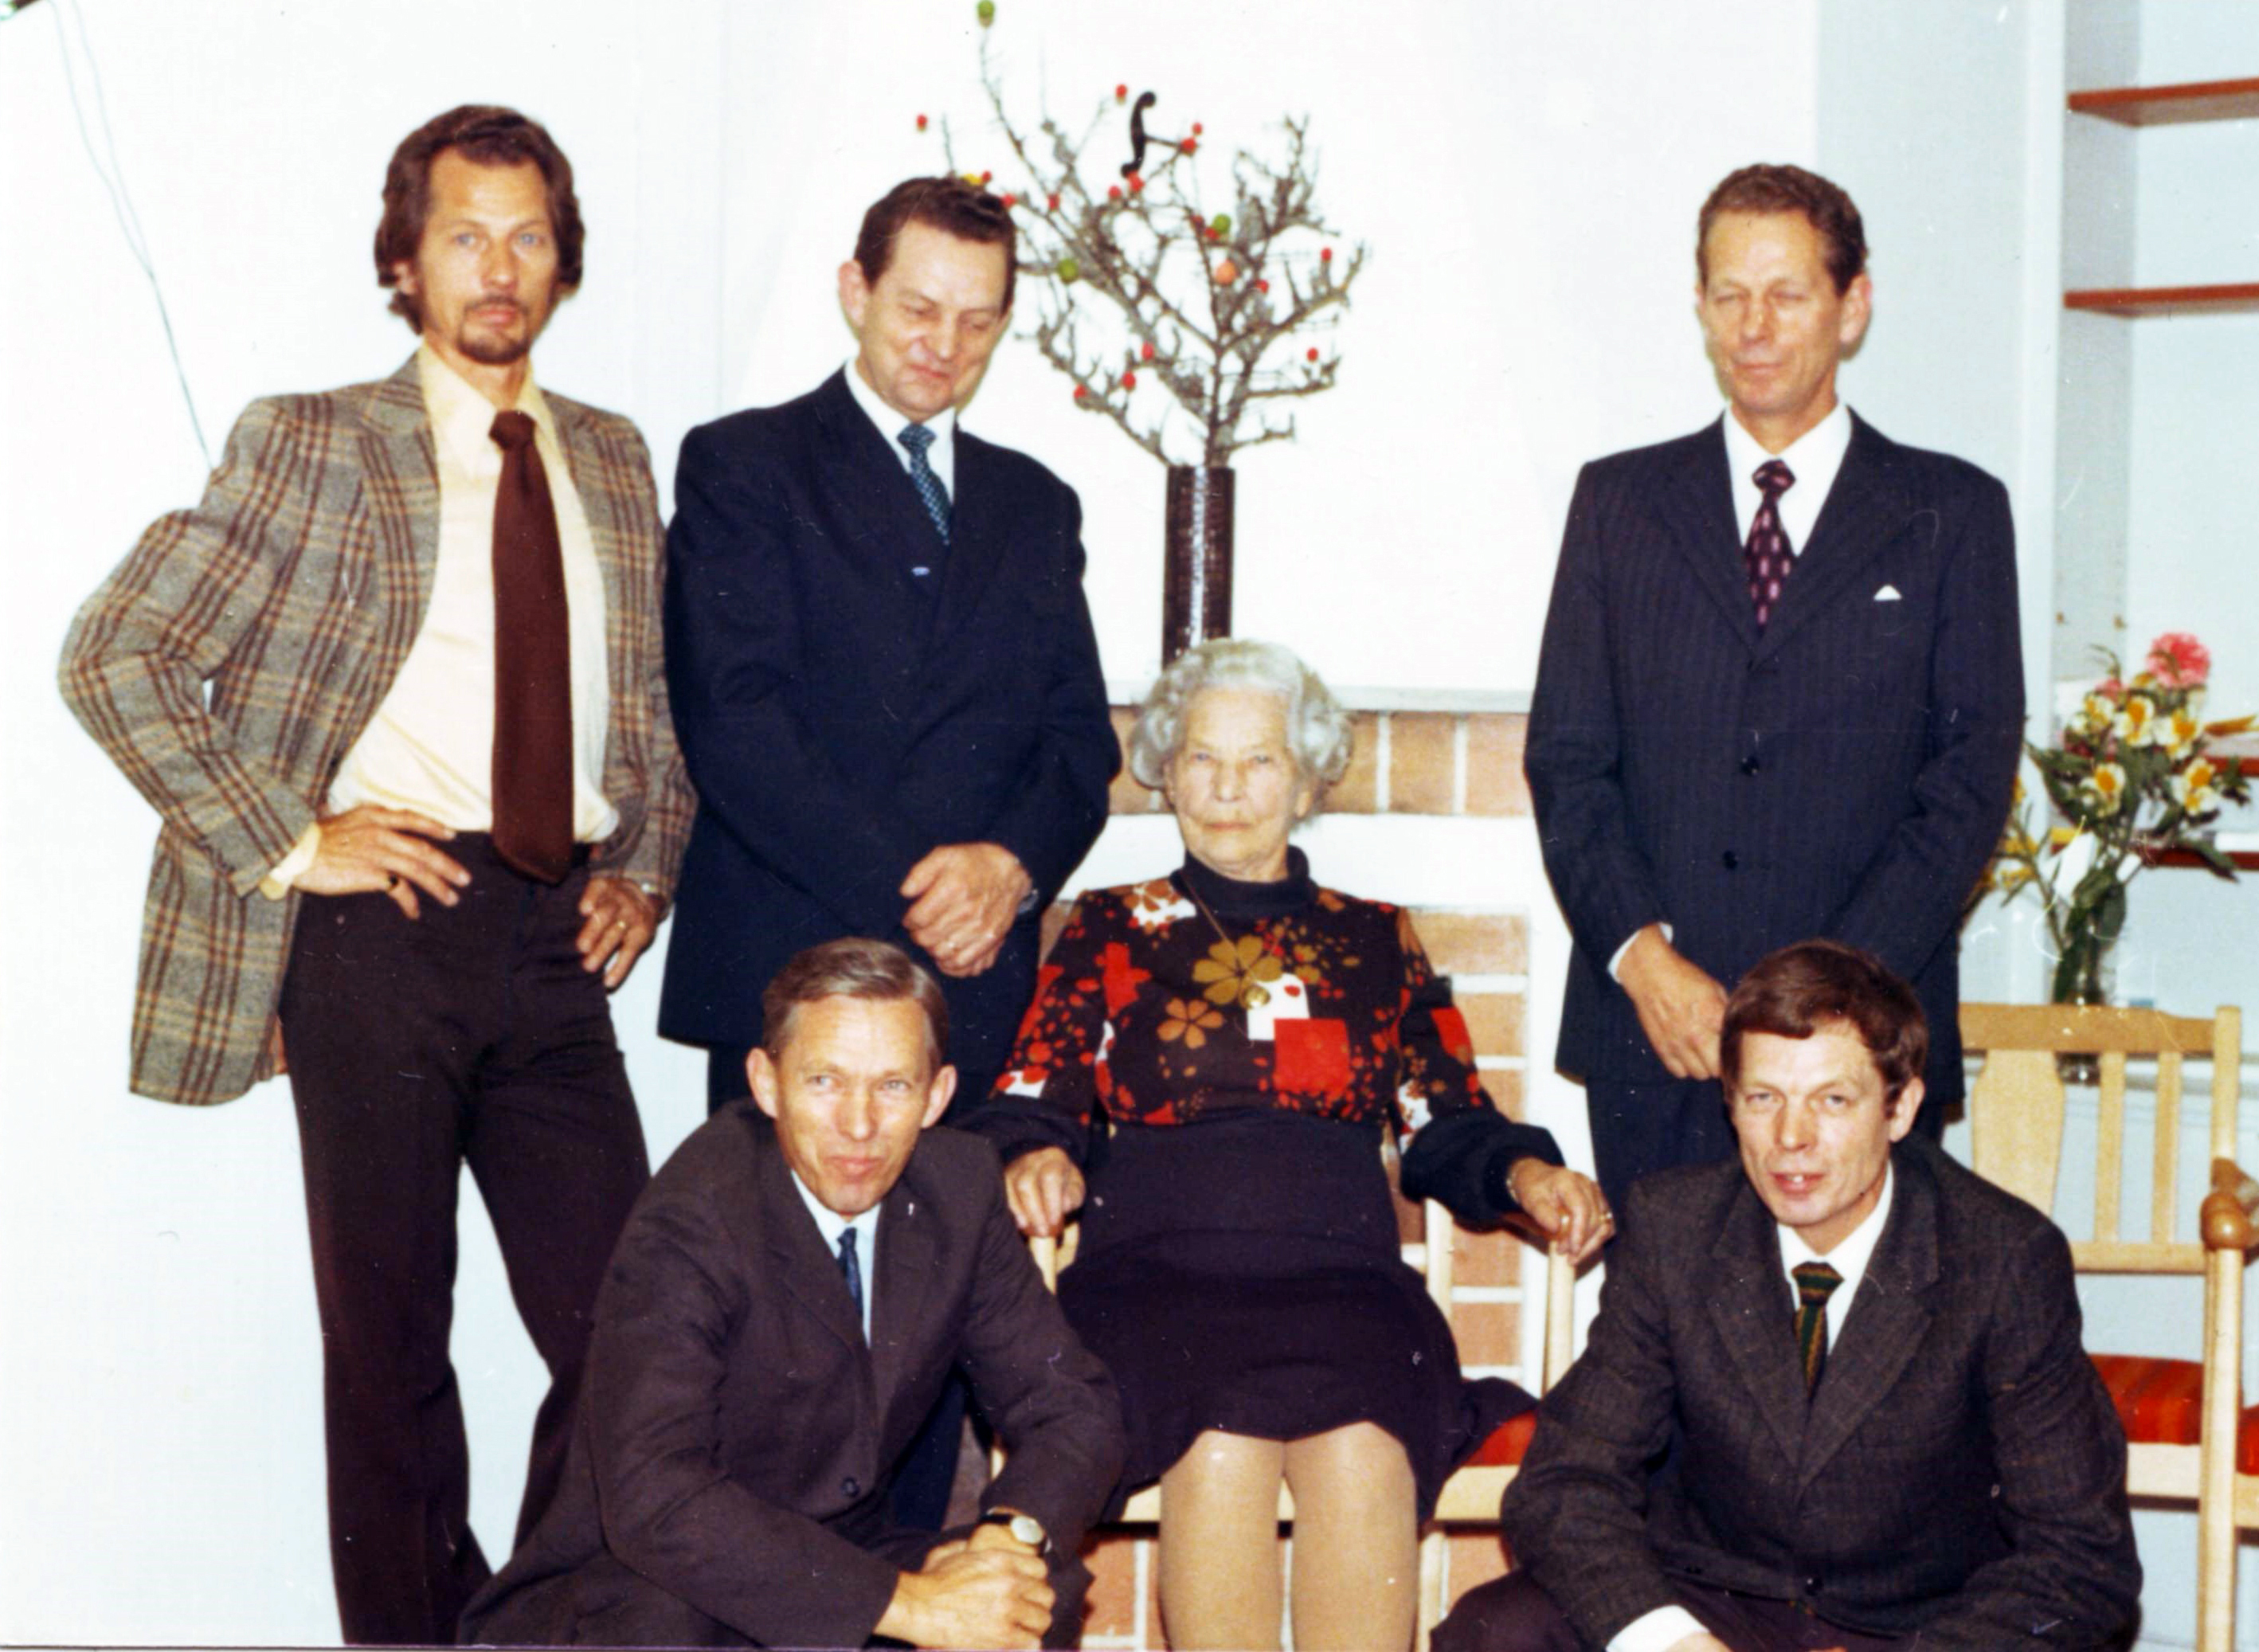 Nisse,Gösta,Åke Folke,Bengt Amanda 1973